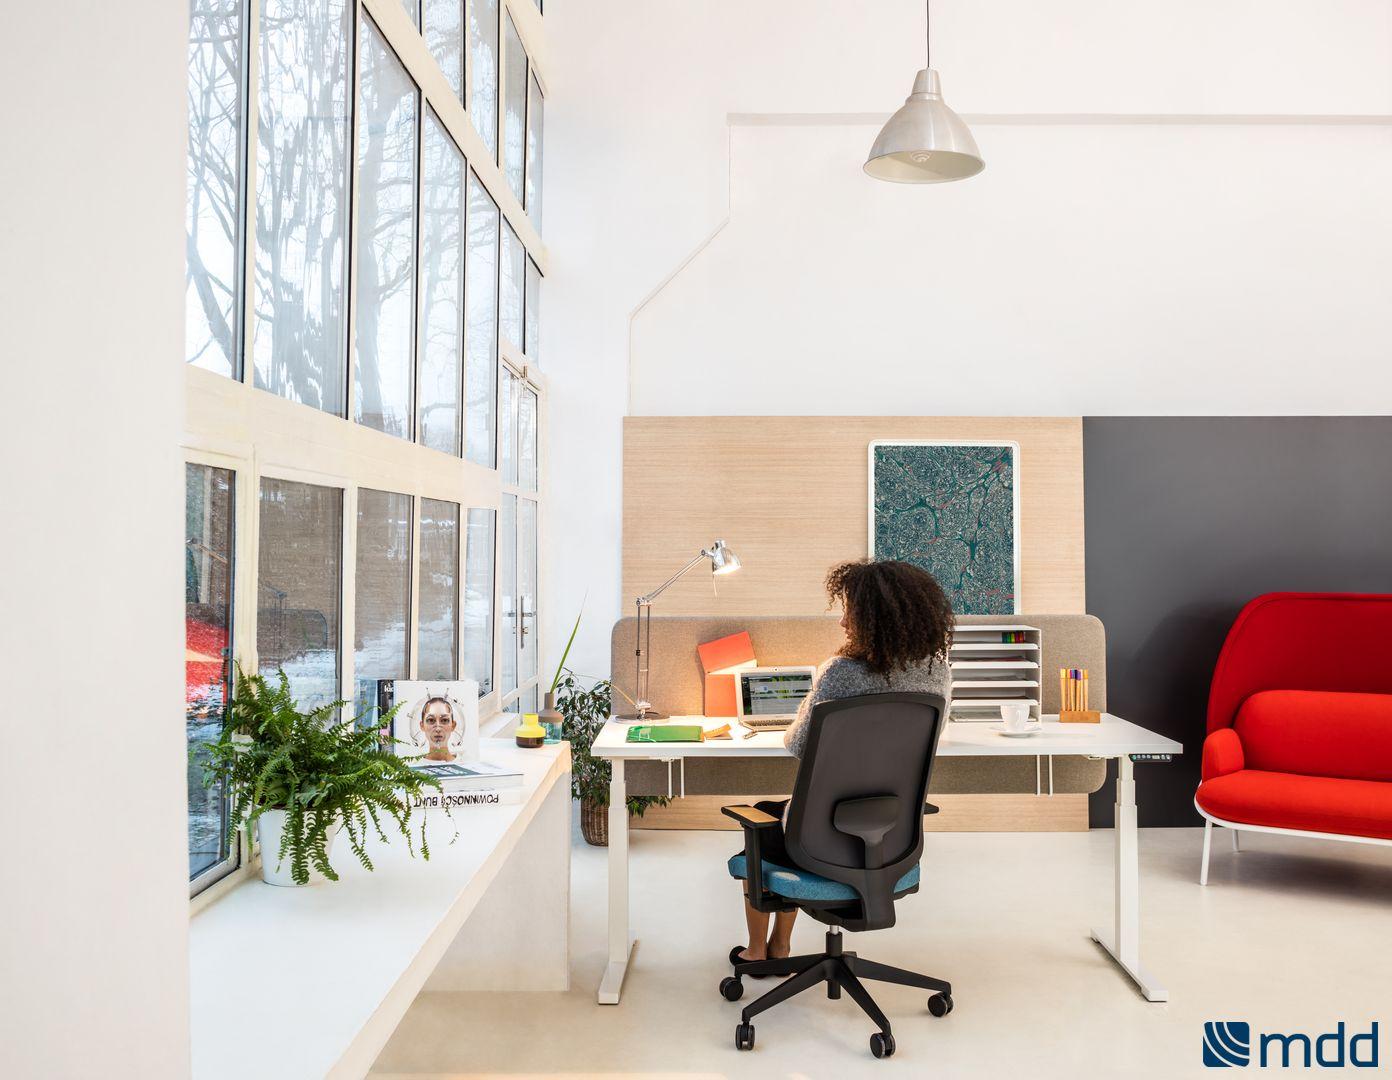 Vente bureaux réglables en hauteur bureaux open space bench